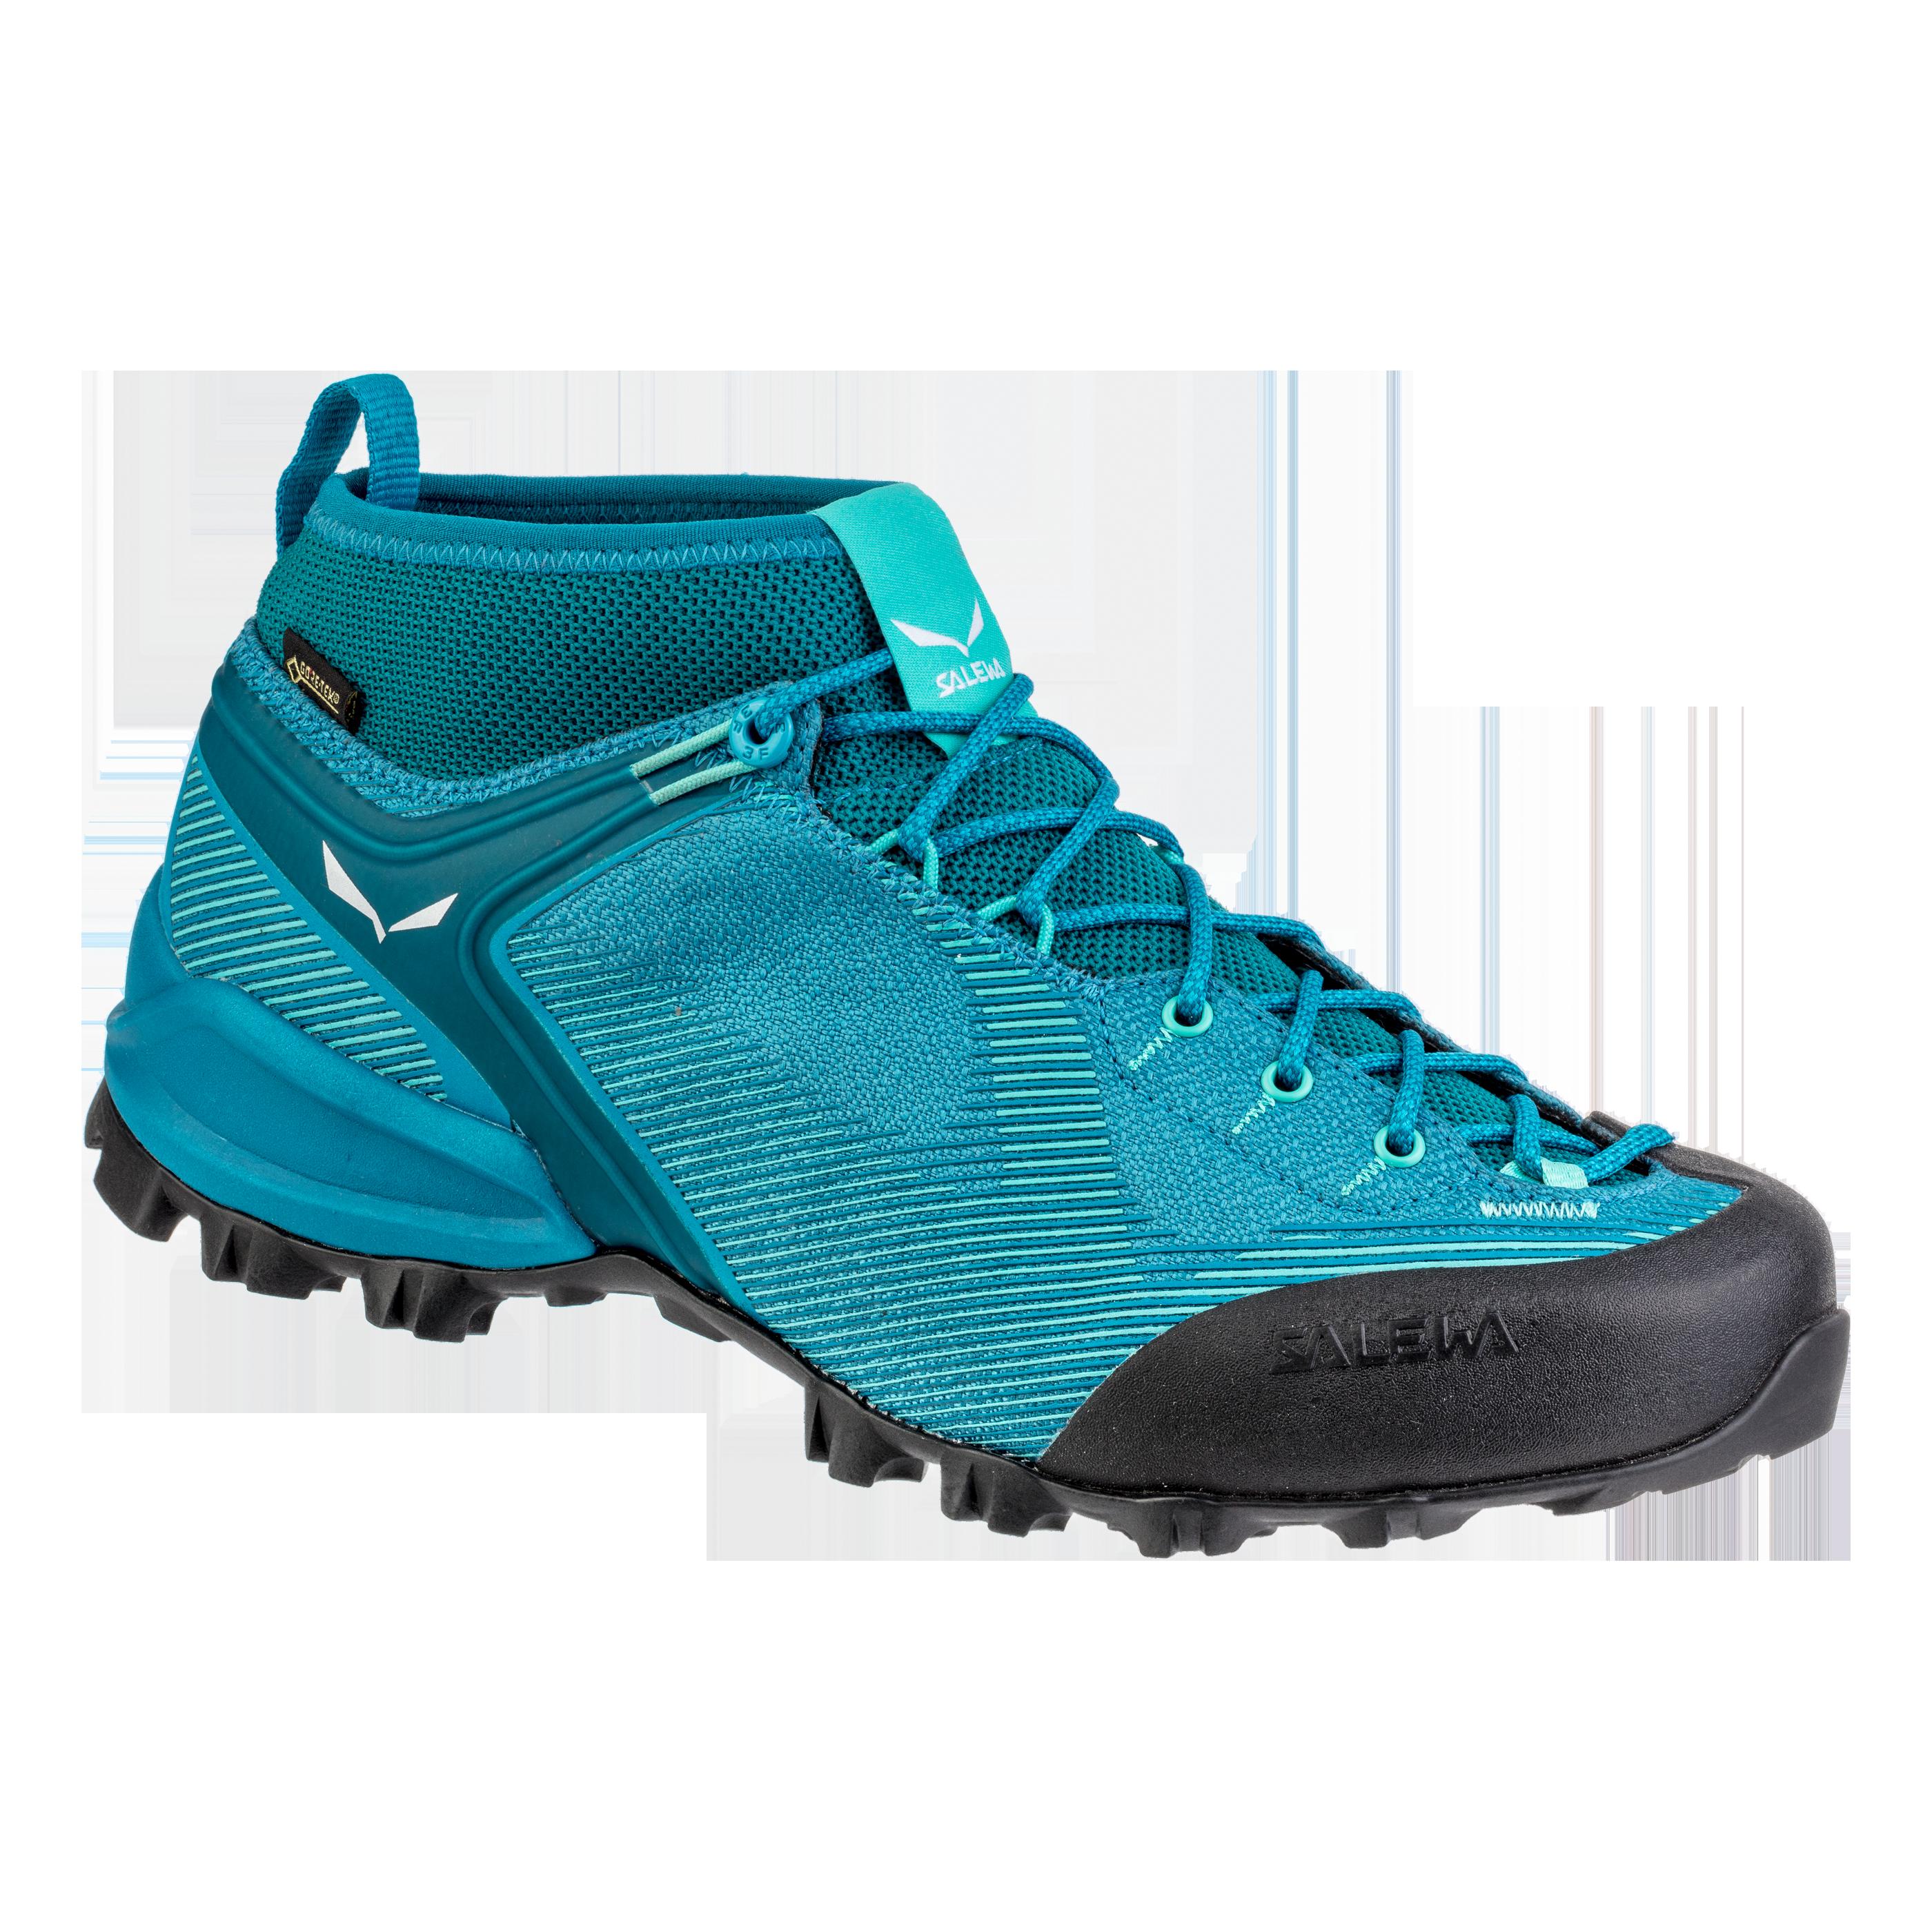 a08a6514c74 Alpenviolet GORE-TEX® Women's Shoes